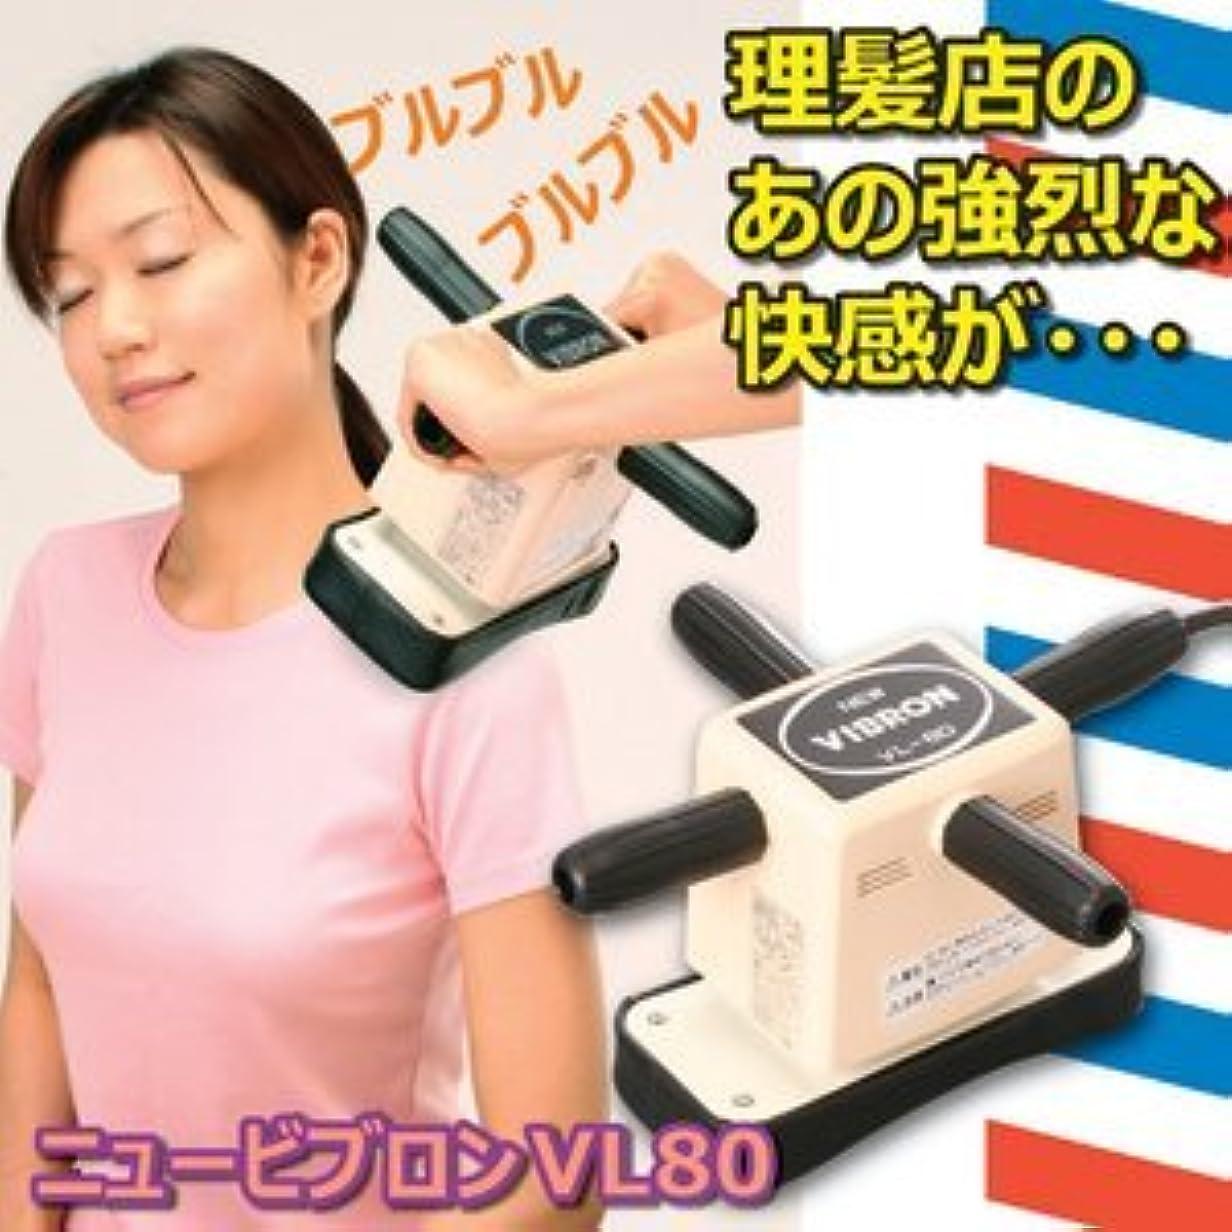 家事許容できるスケジュール家庭用電気マッサージ器  ニュービブロン